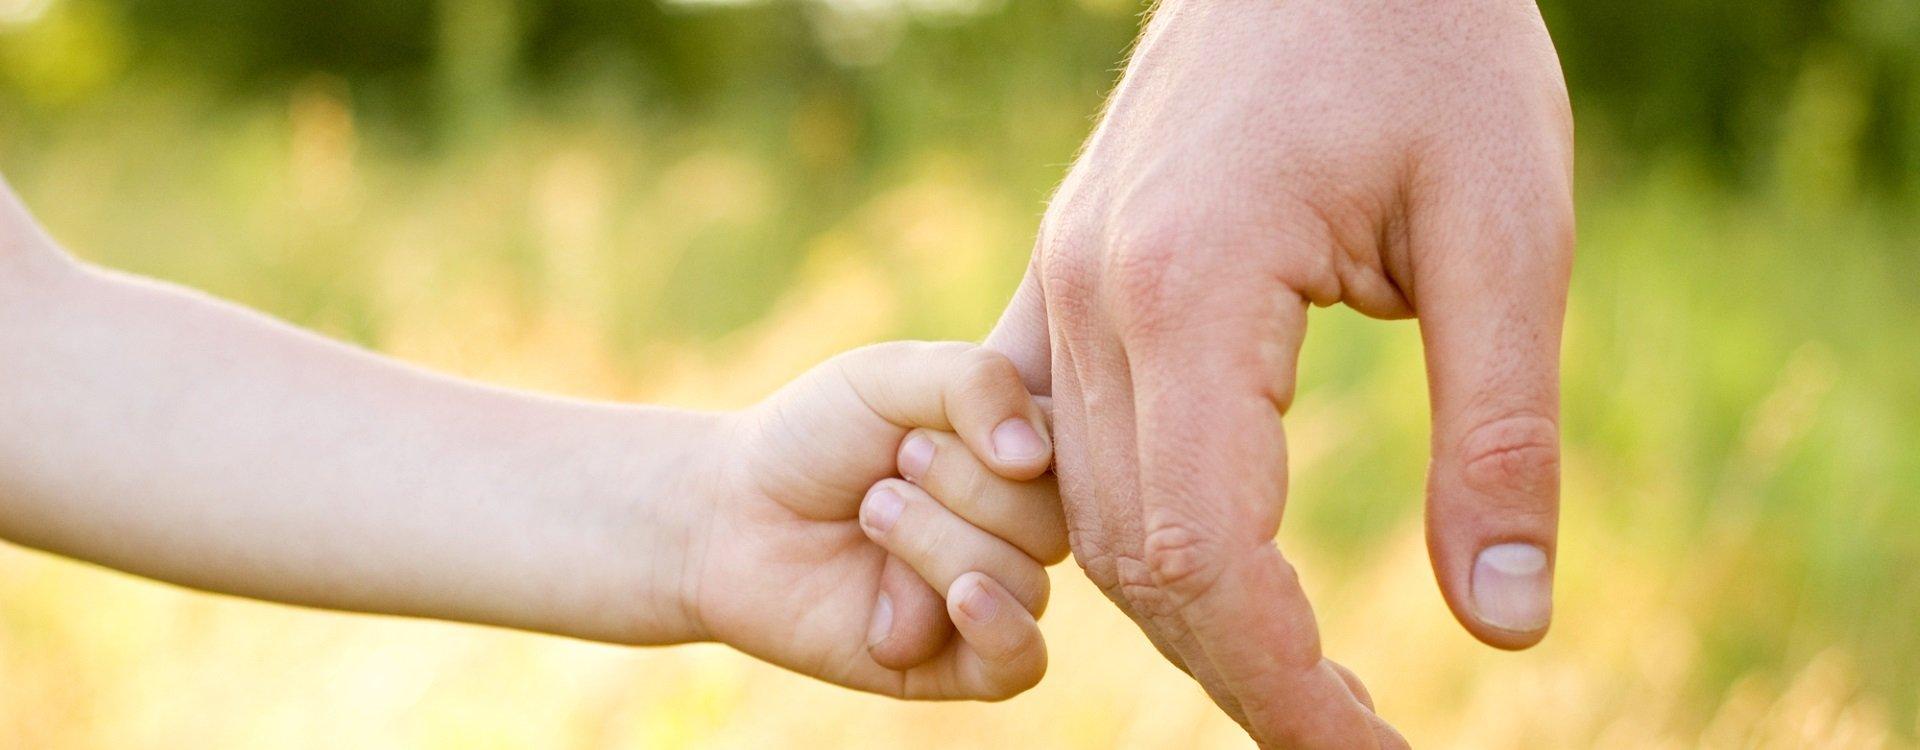 Sorgerecht nach der Trennung der Eltern